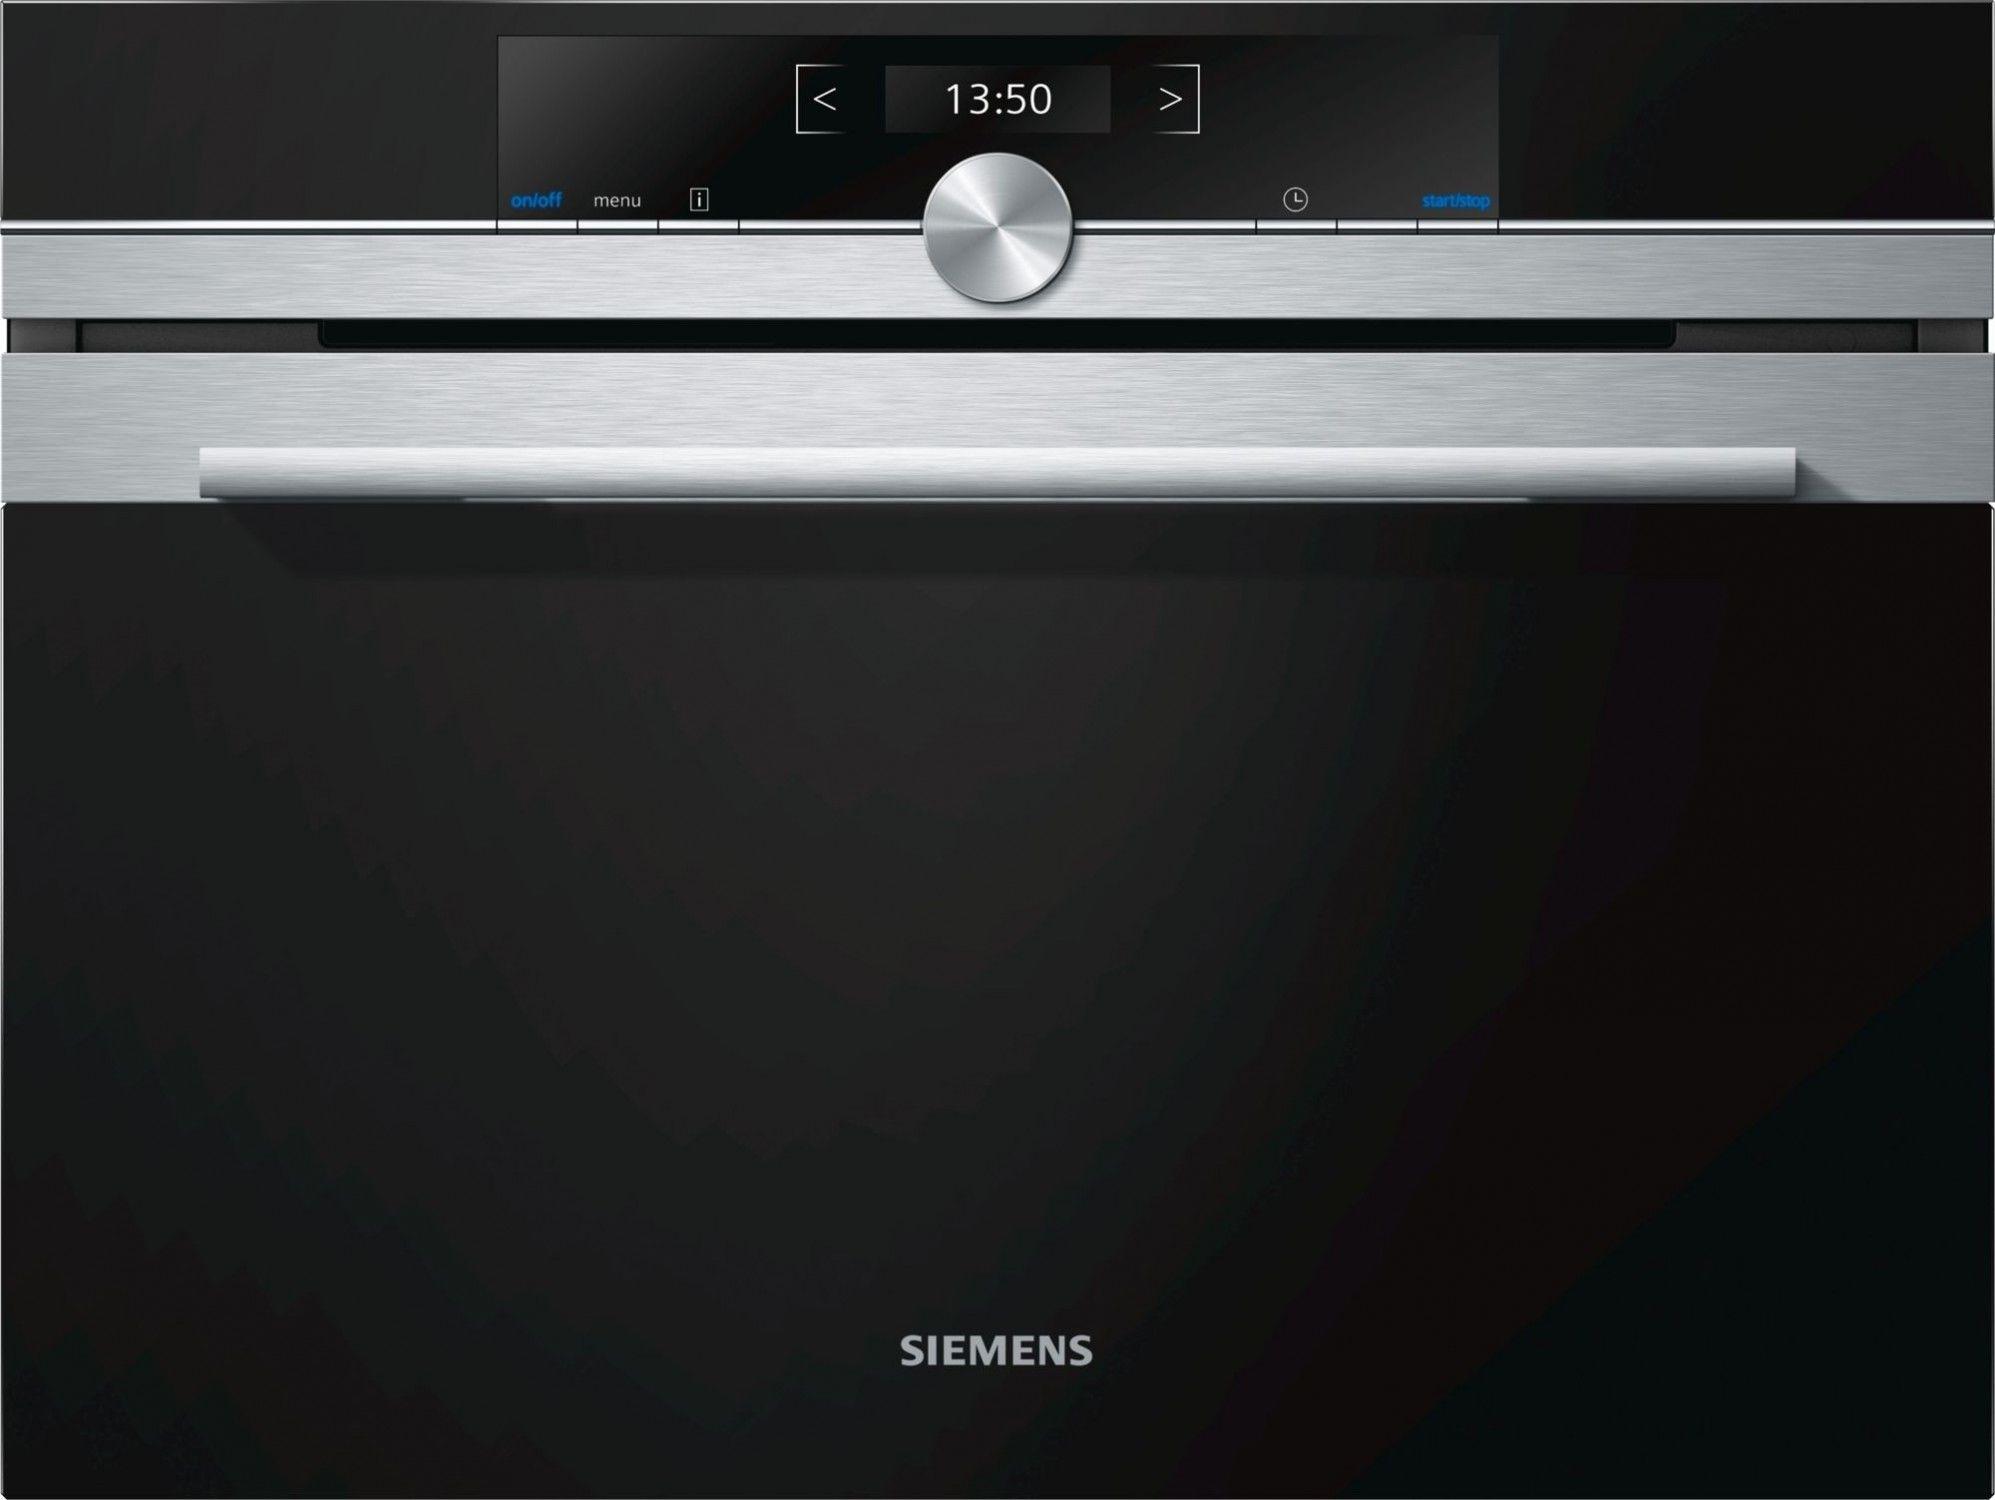 Mikrofala Siemens CF634AGS1, I tel. (22) 266 82 20 I Raty 0 % I kto pyta płaci mniej I Płatności online !